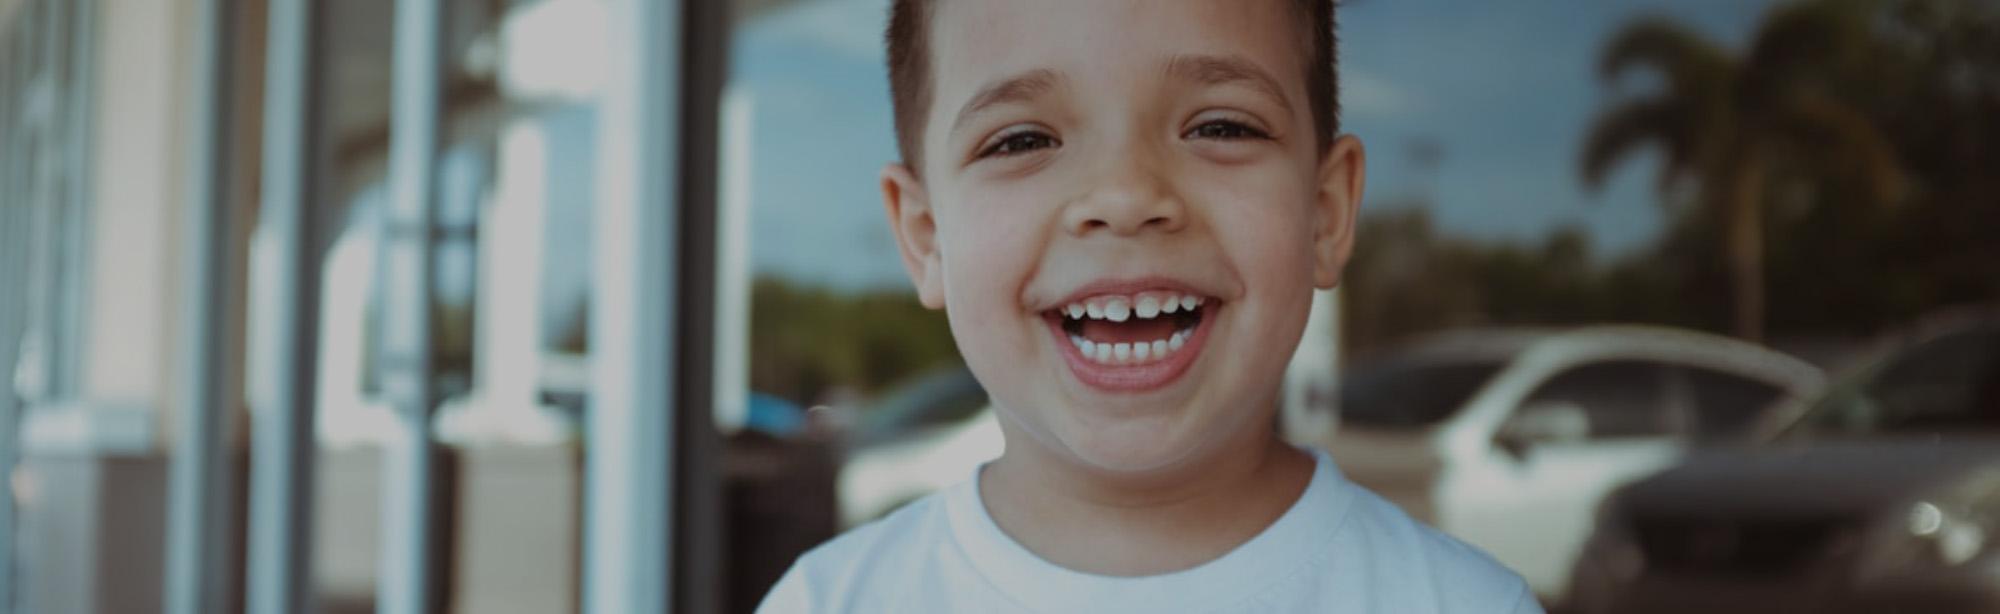 The Child Dental Benefits Schedule (CDBS)